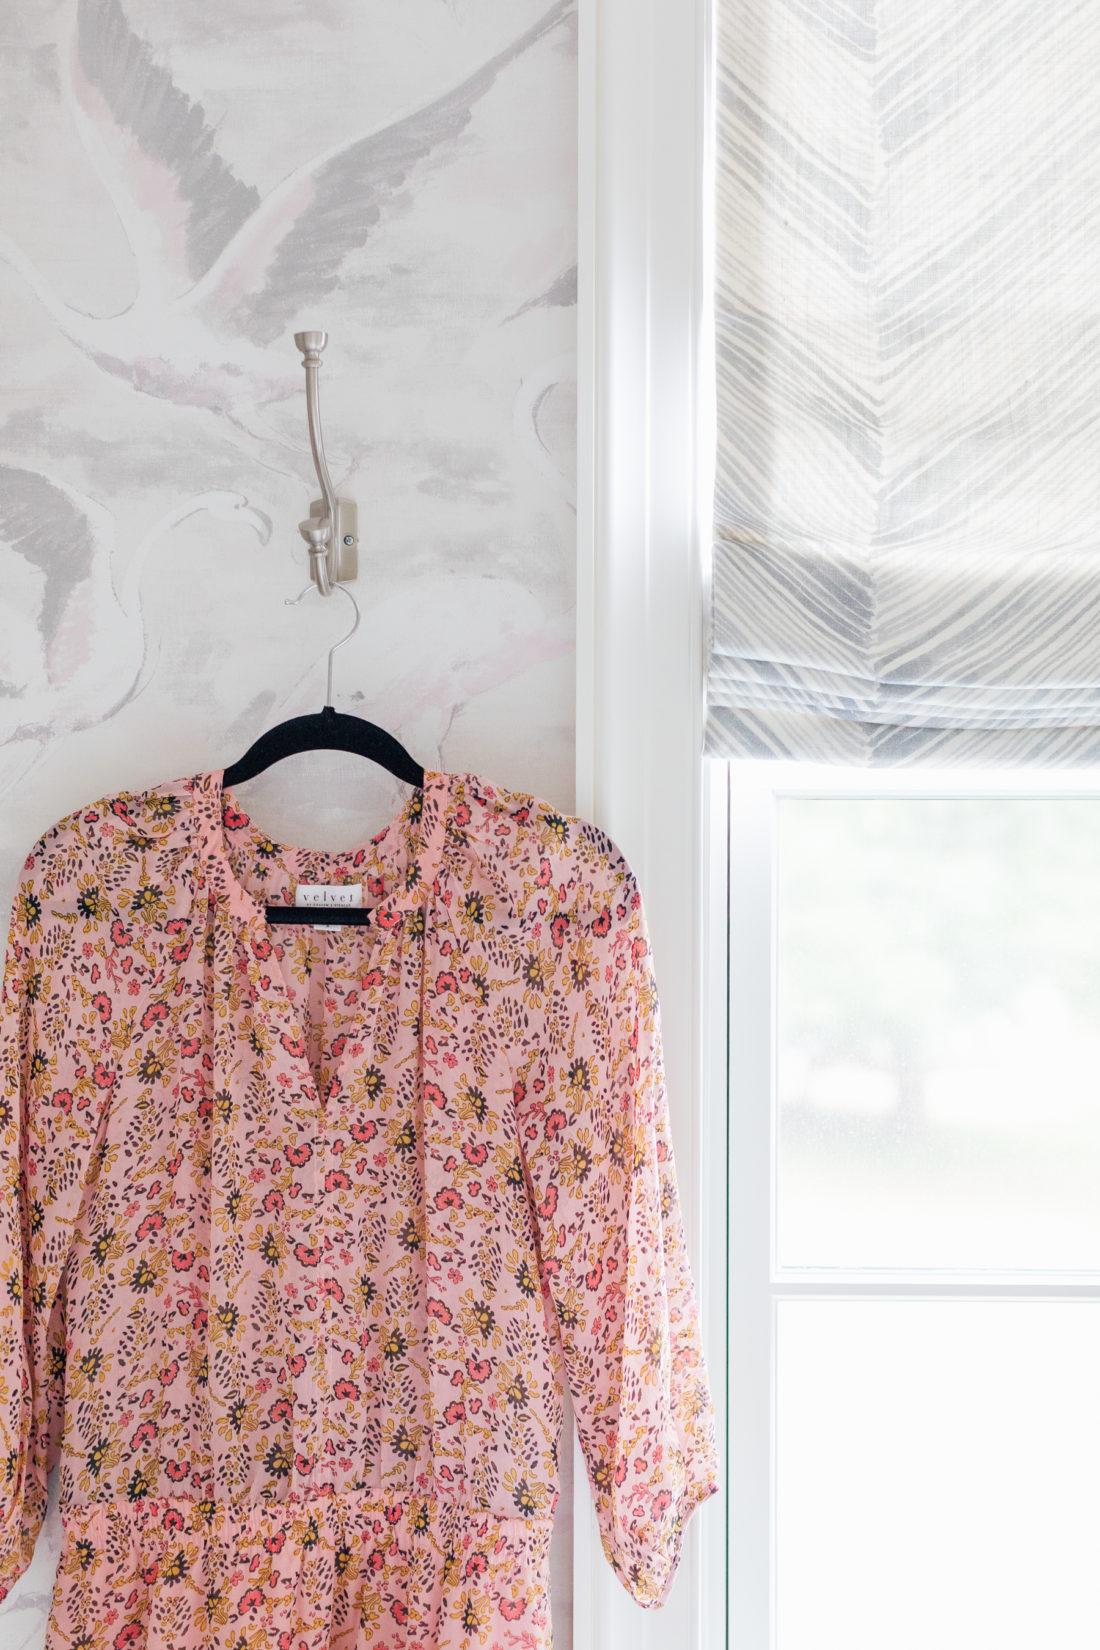 Eva Amurri's Connecticut bathroom featuring Schumacher shade fabric